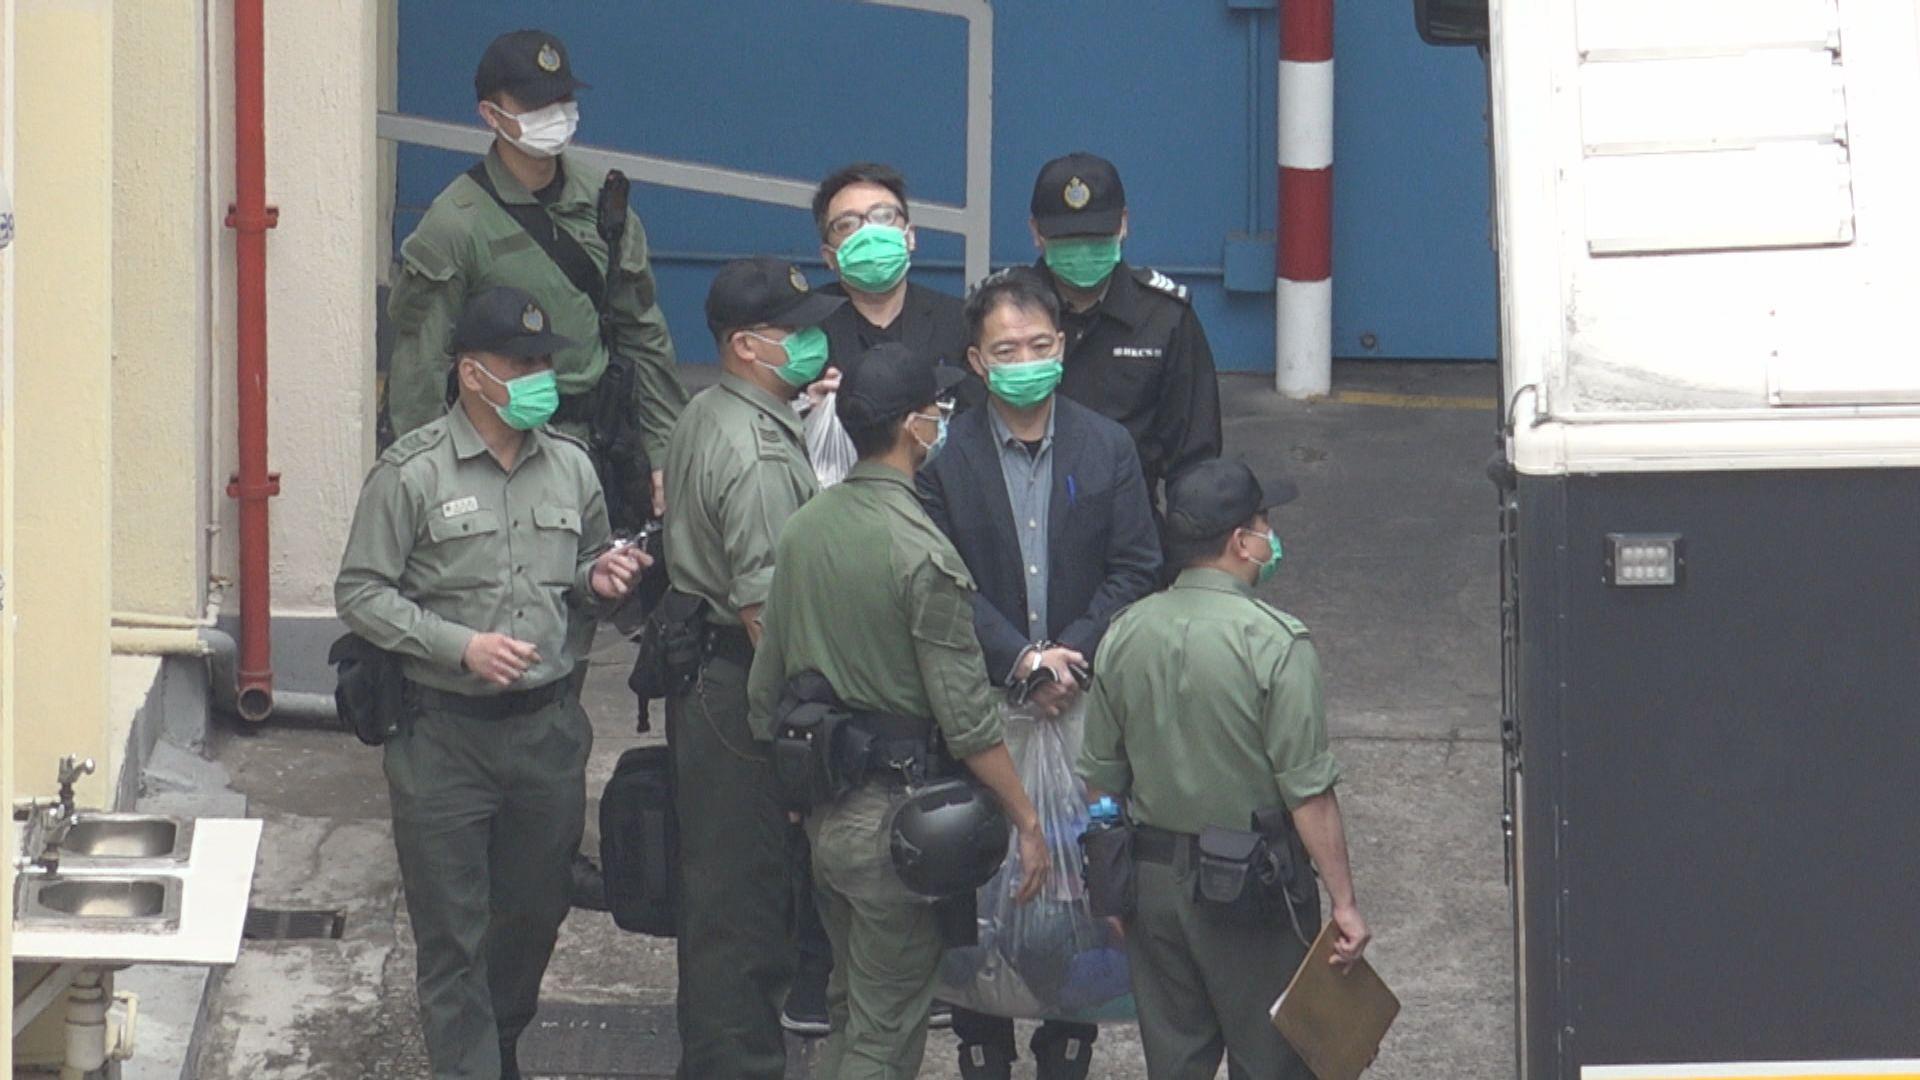 高院批准胡志偉在特定時間保釋外出赴父親喪禮